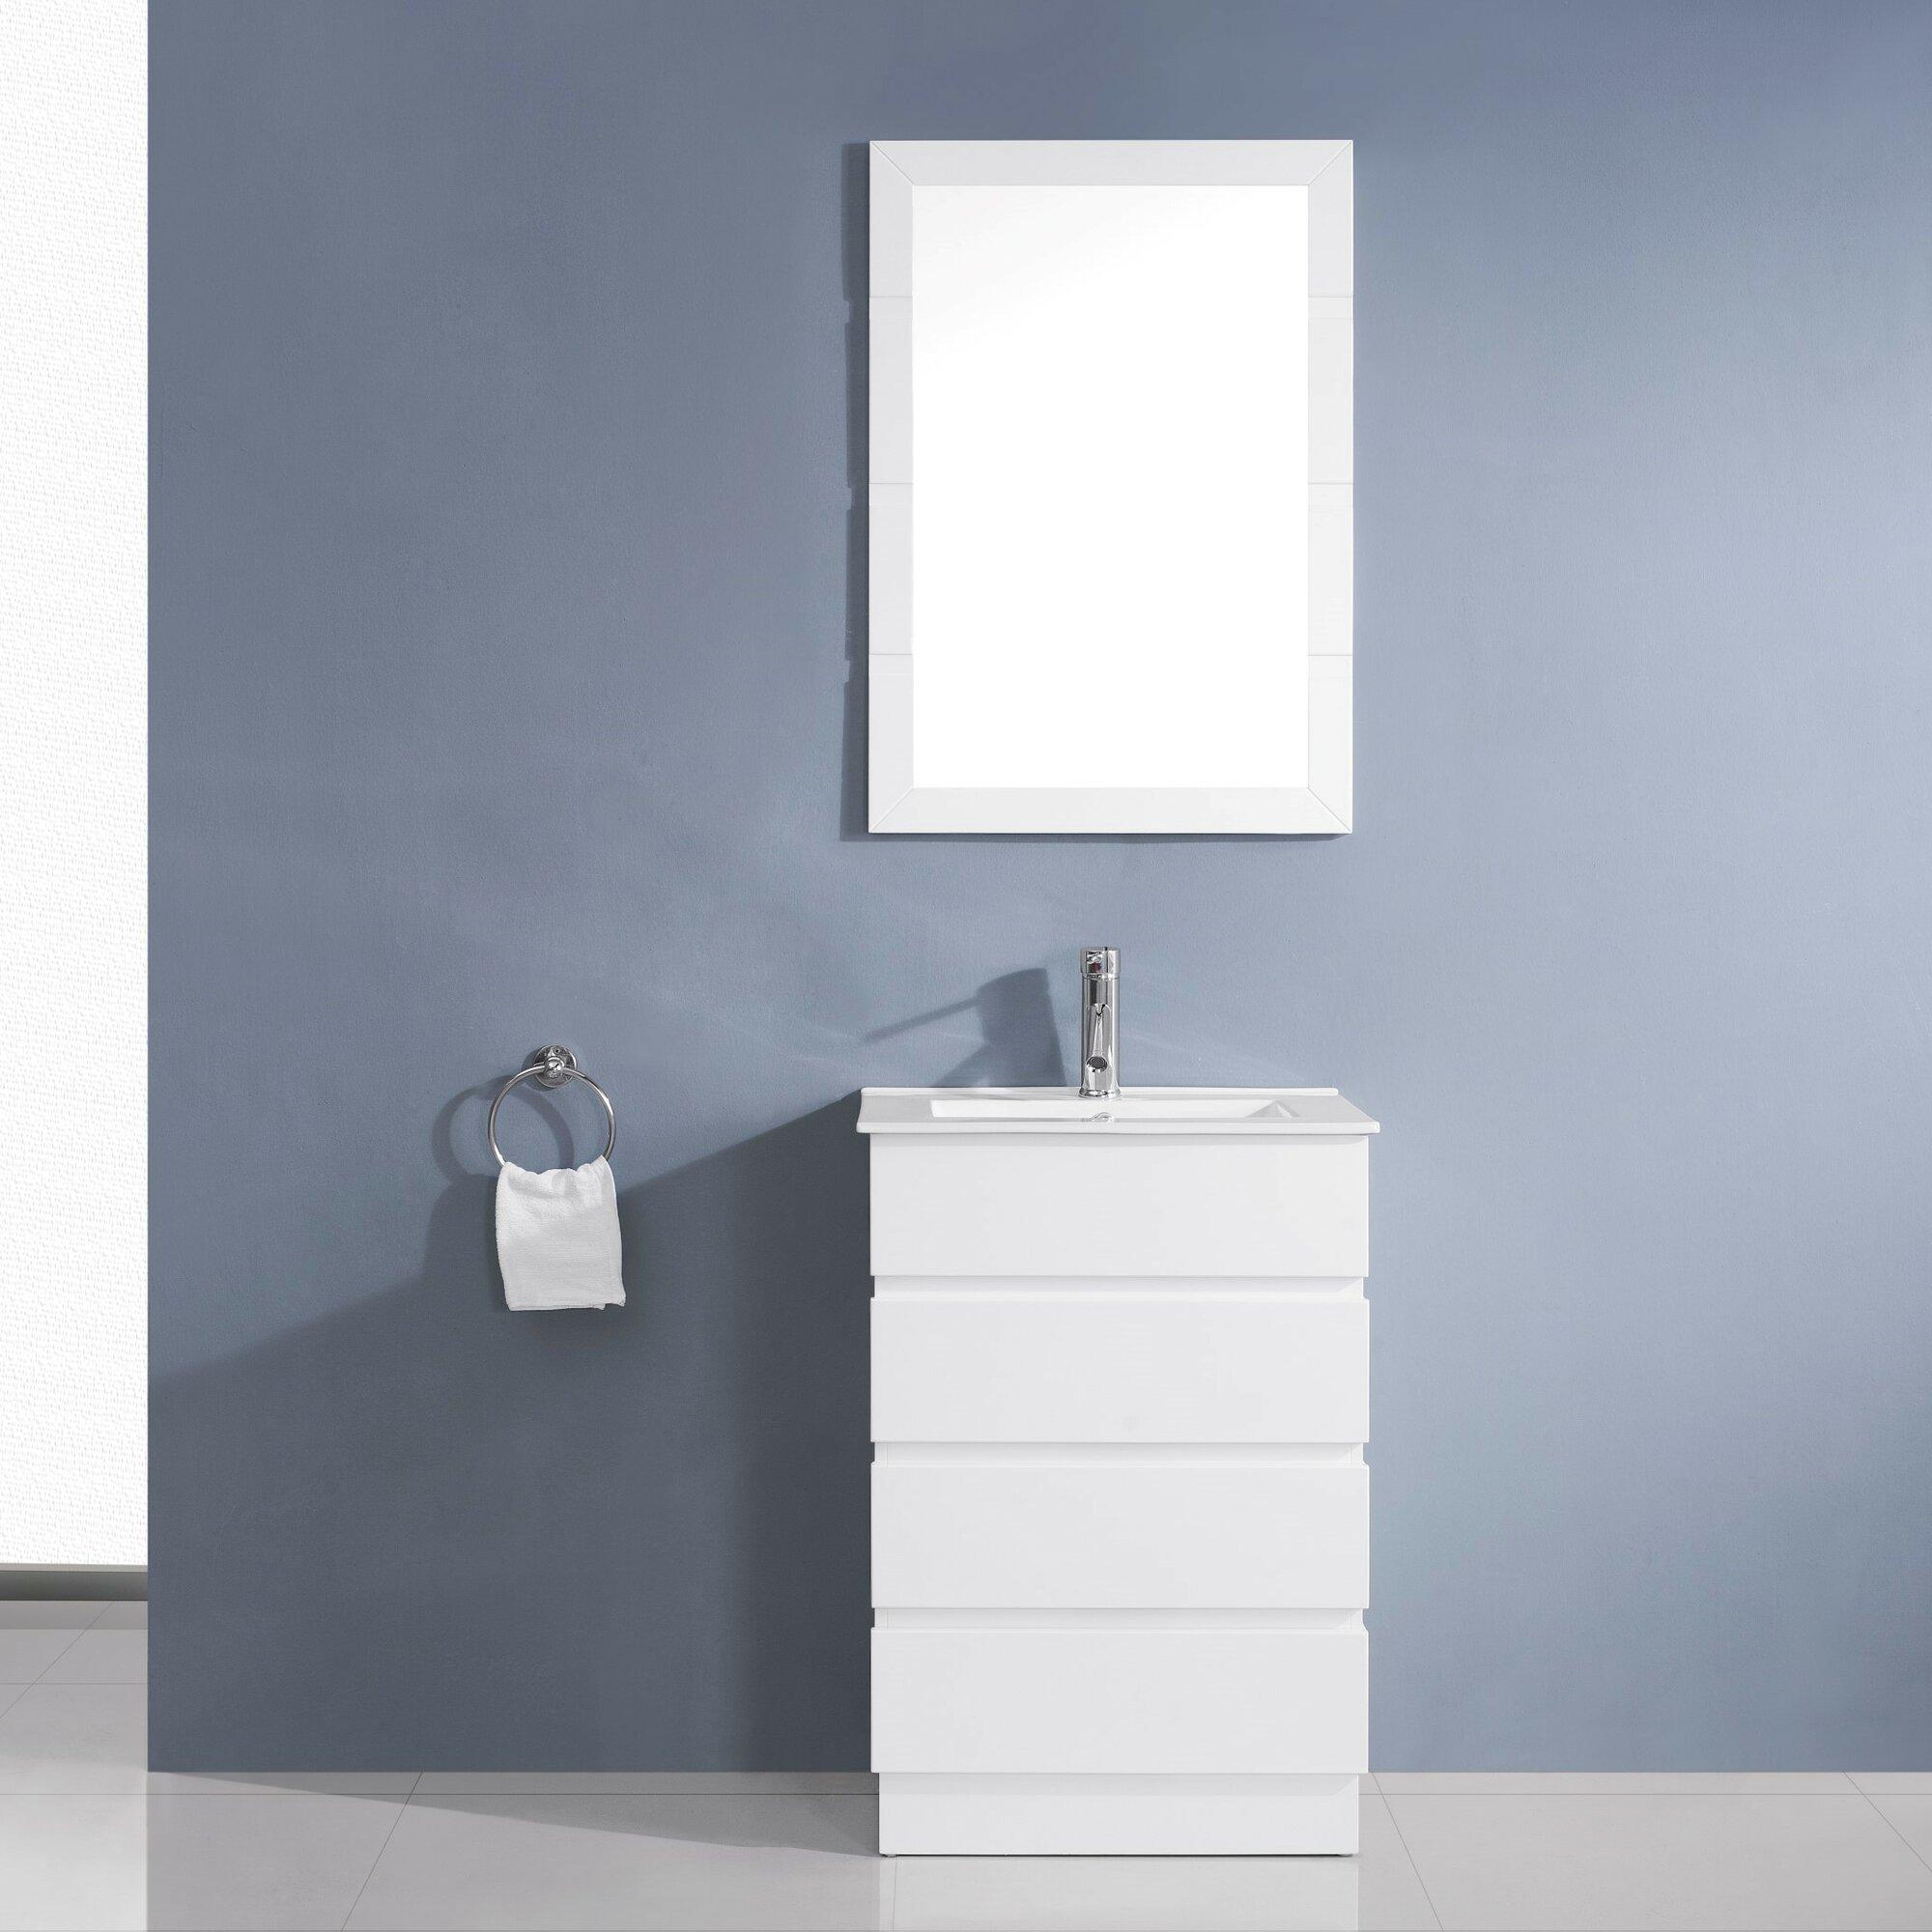 Virtu bathroom accessories - Bruno 24 Single Contemporary Bathroom Vanity Set With Ceramic Top And Mirror